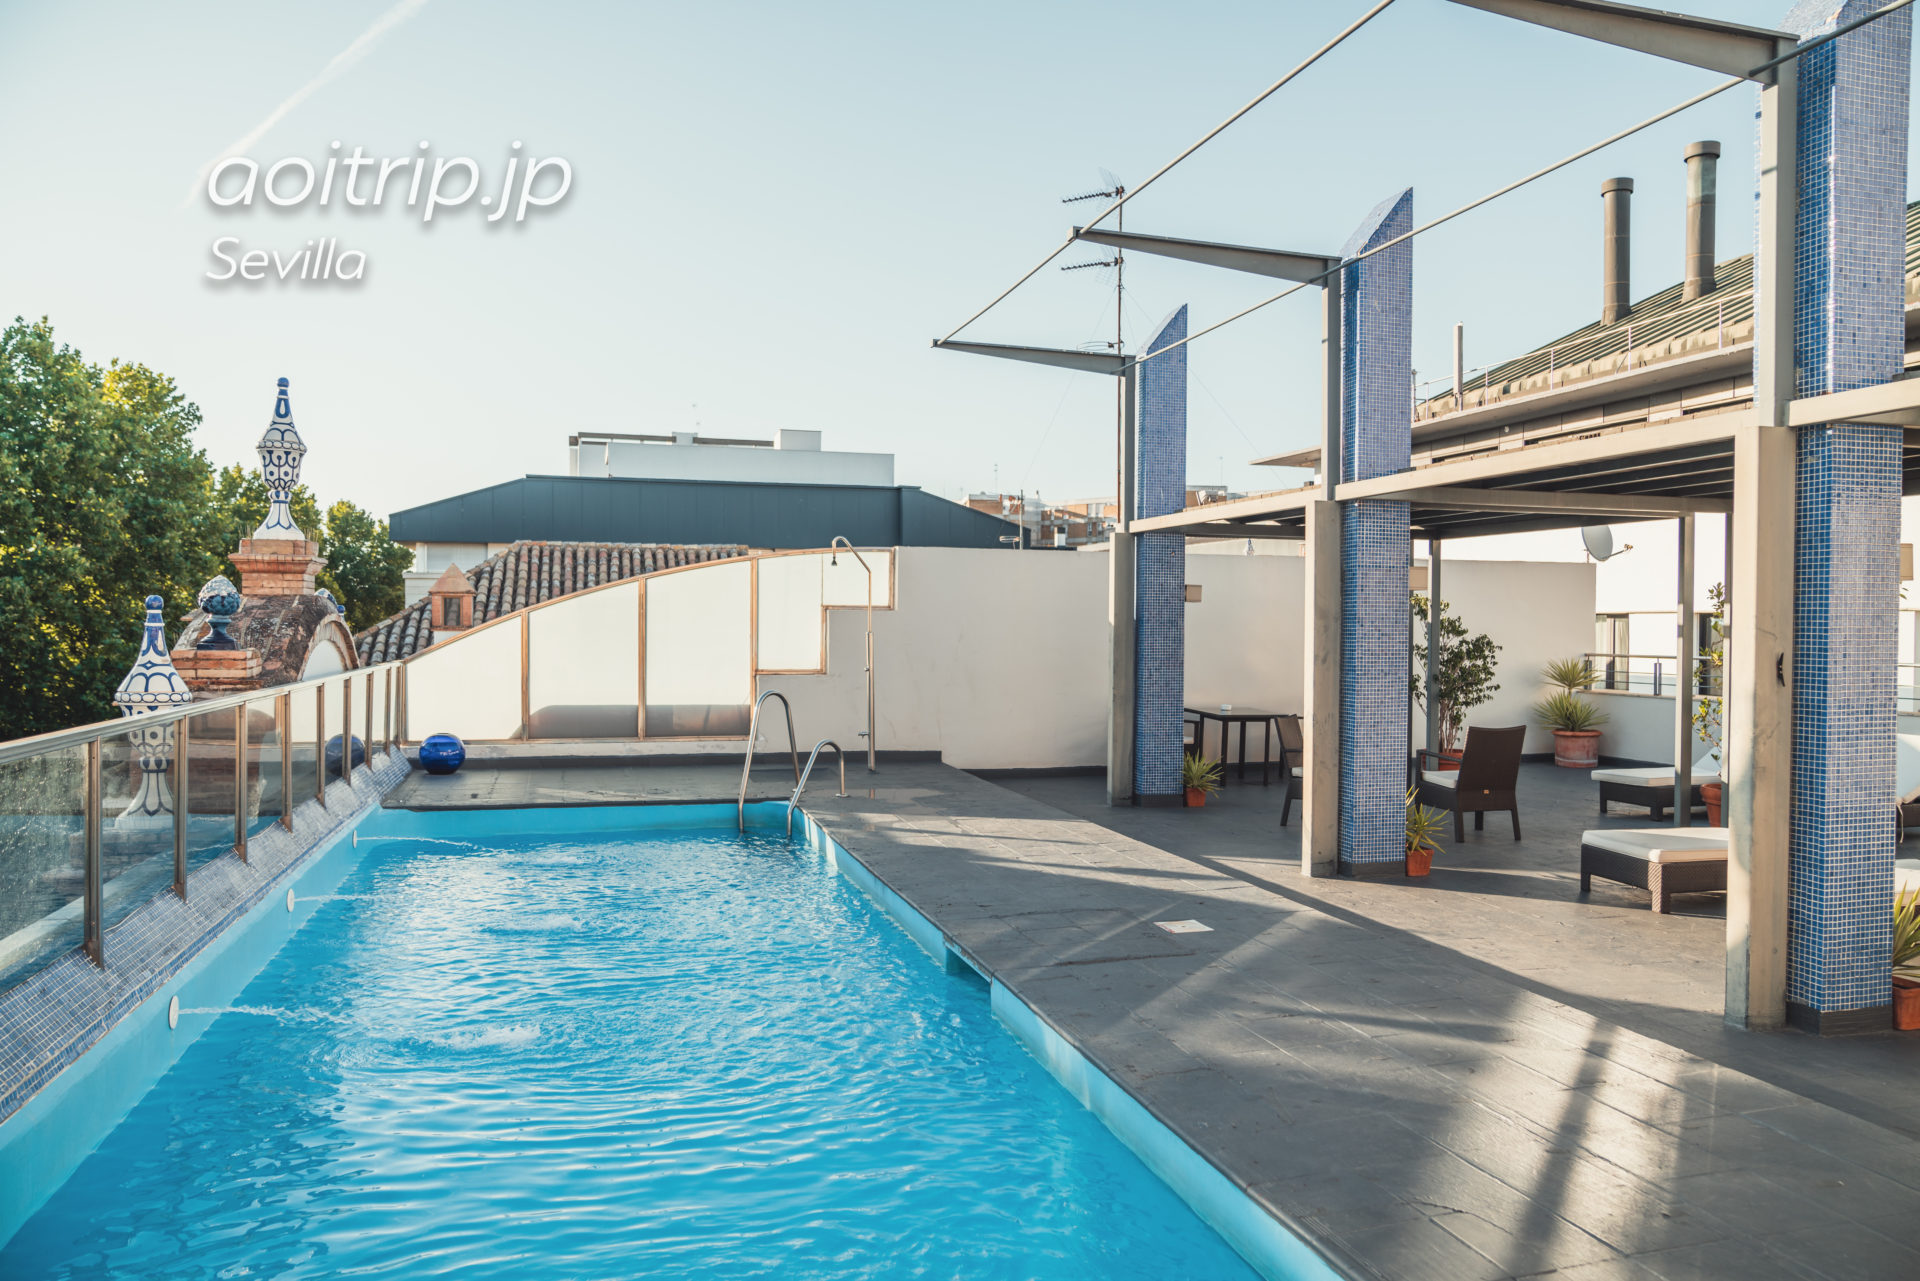 ACホテル シウダッド デ セビージャのプール